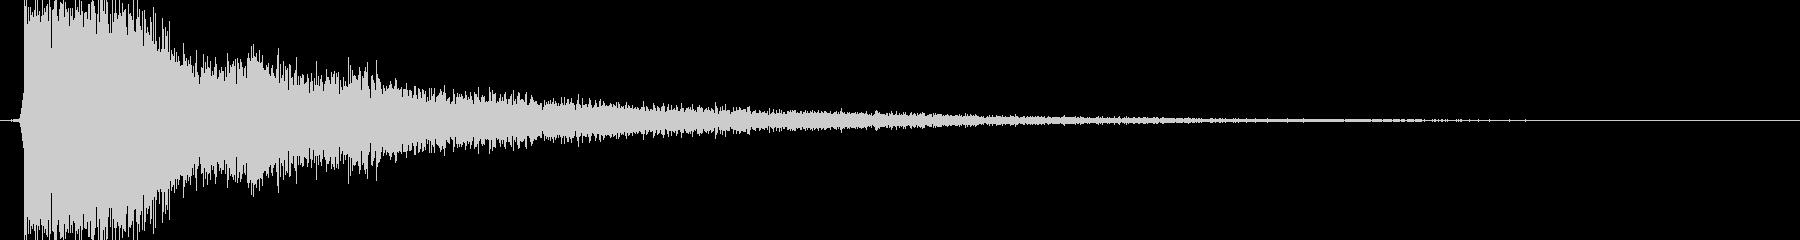 テューン(アイテム使用、エフェクト有り)の未再生の波形